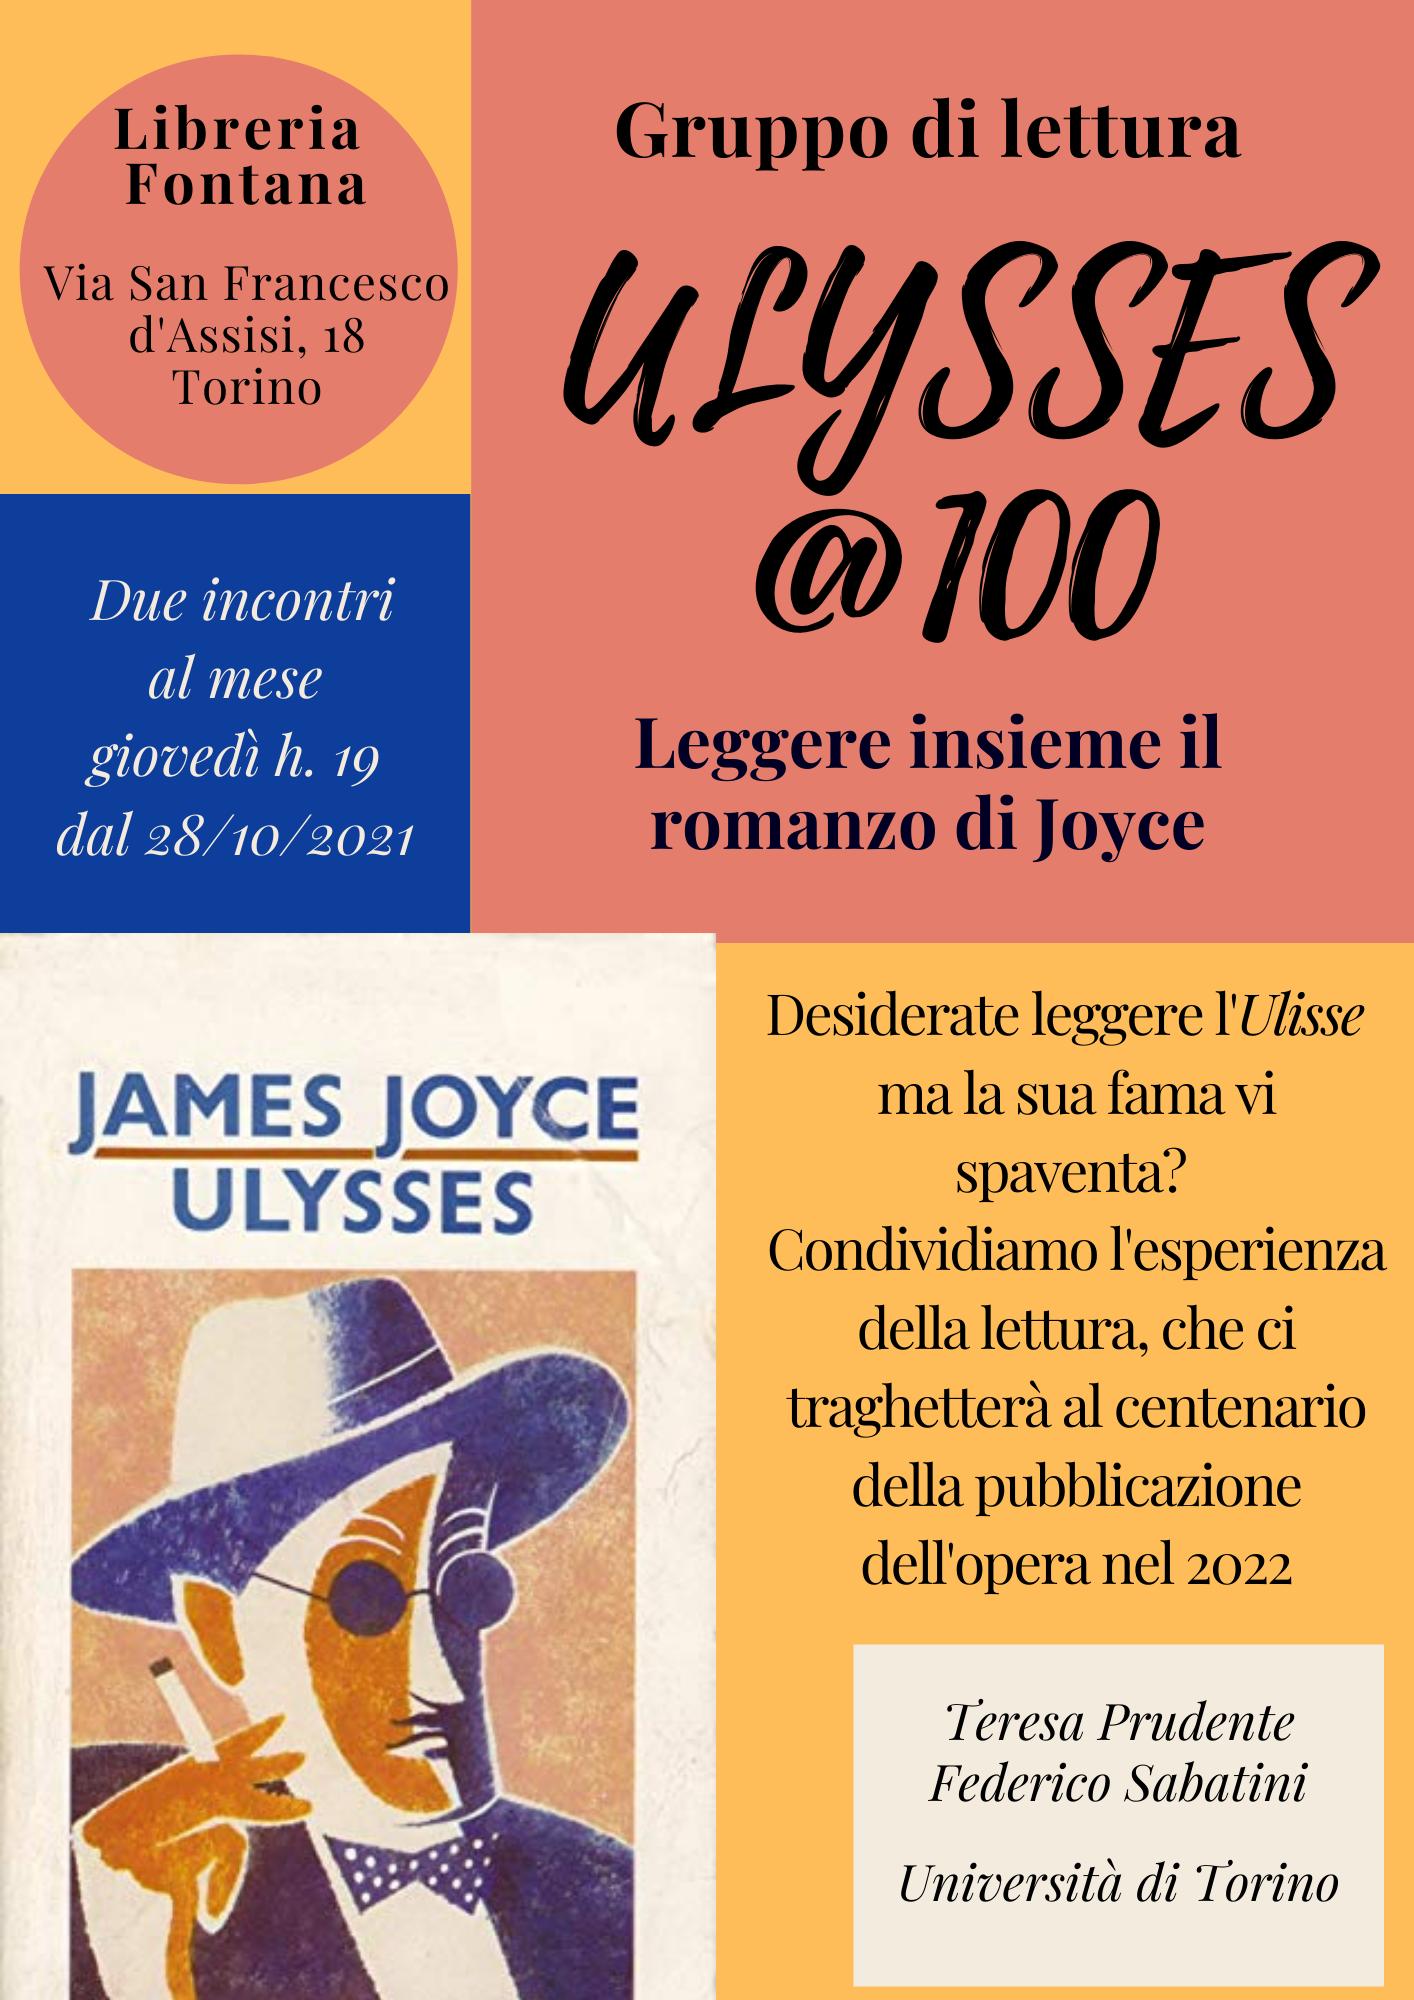 upload_Copy_of_Ulysses_@_100.png